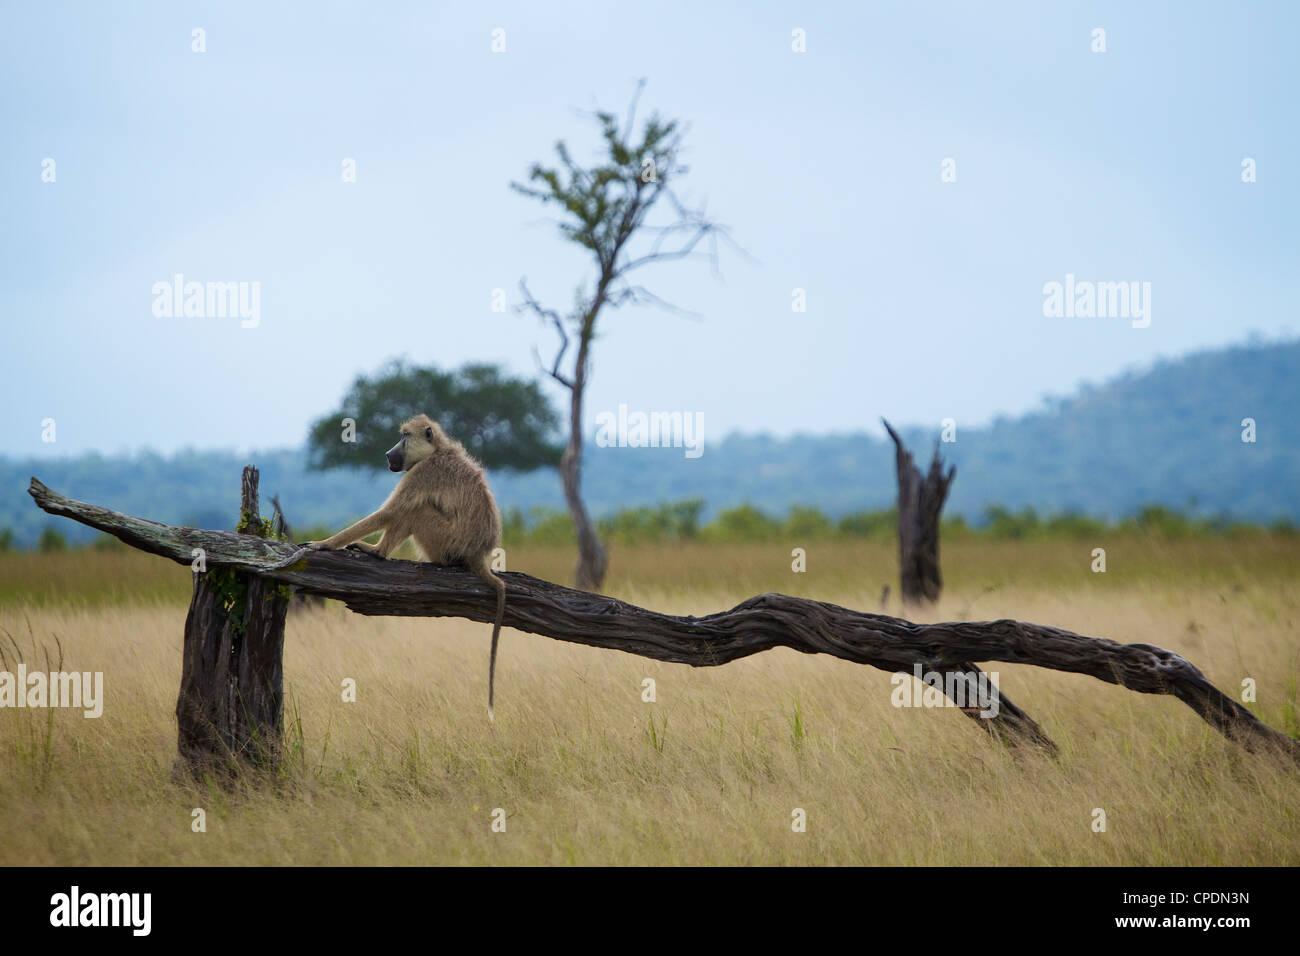 Le babouin Papio cynocephalus jaune 'cheval de bois ' parc national de Mikumi.Tanzanie Afrique. Photo Stock